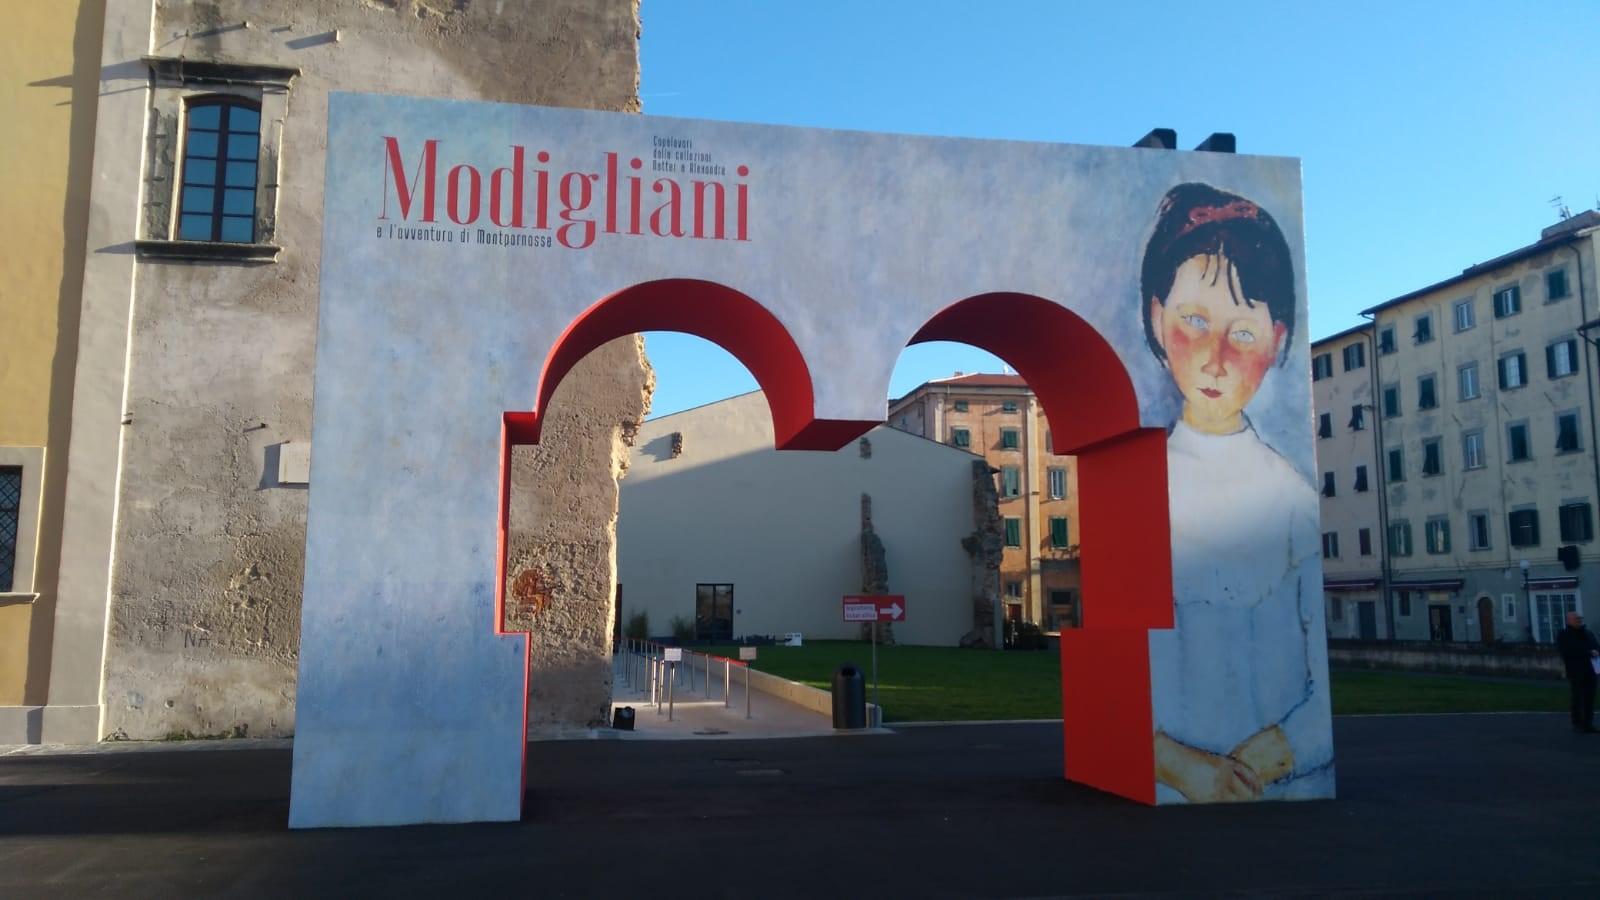 Modigliani visto attraverso le parole di Alessandro Orlando